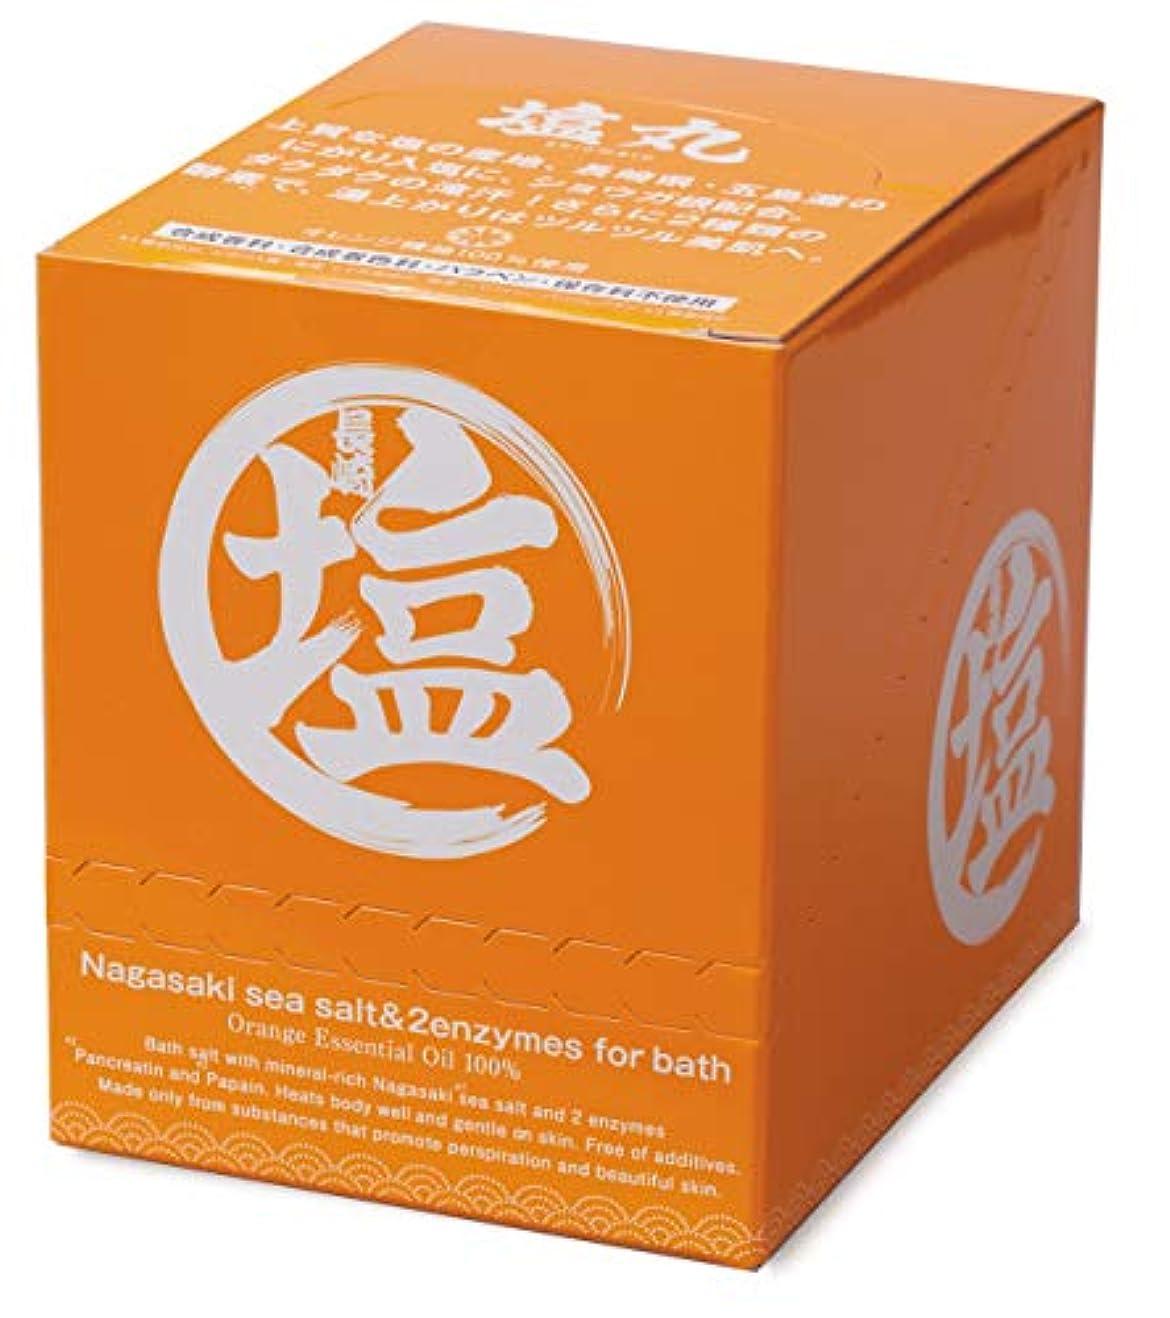 不合格平野不均一(塩丸)長崎産にがり入海塩入浴剤(40g×12包入)オレンジ精油/合成香料?合成着色料?保存料不使用